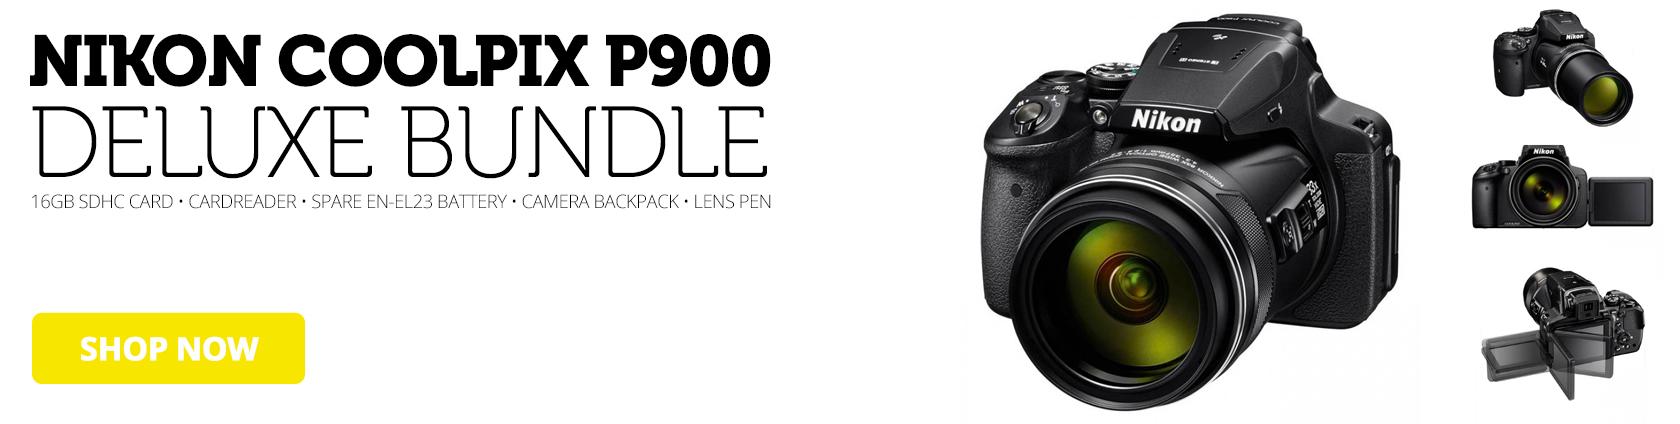 Nikon Coolpix P900 Deluxe Bundle